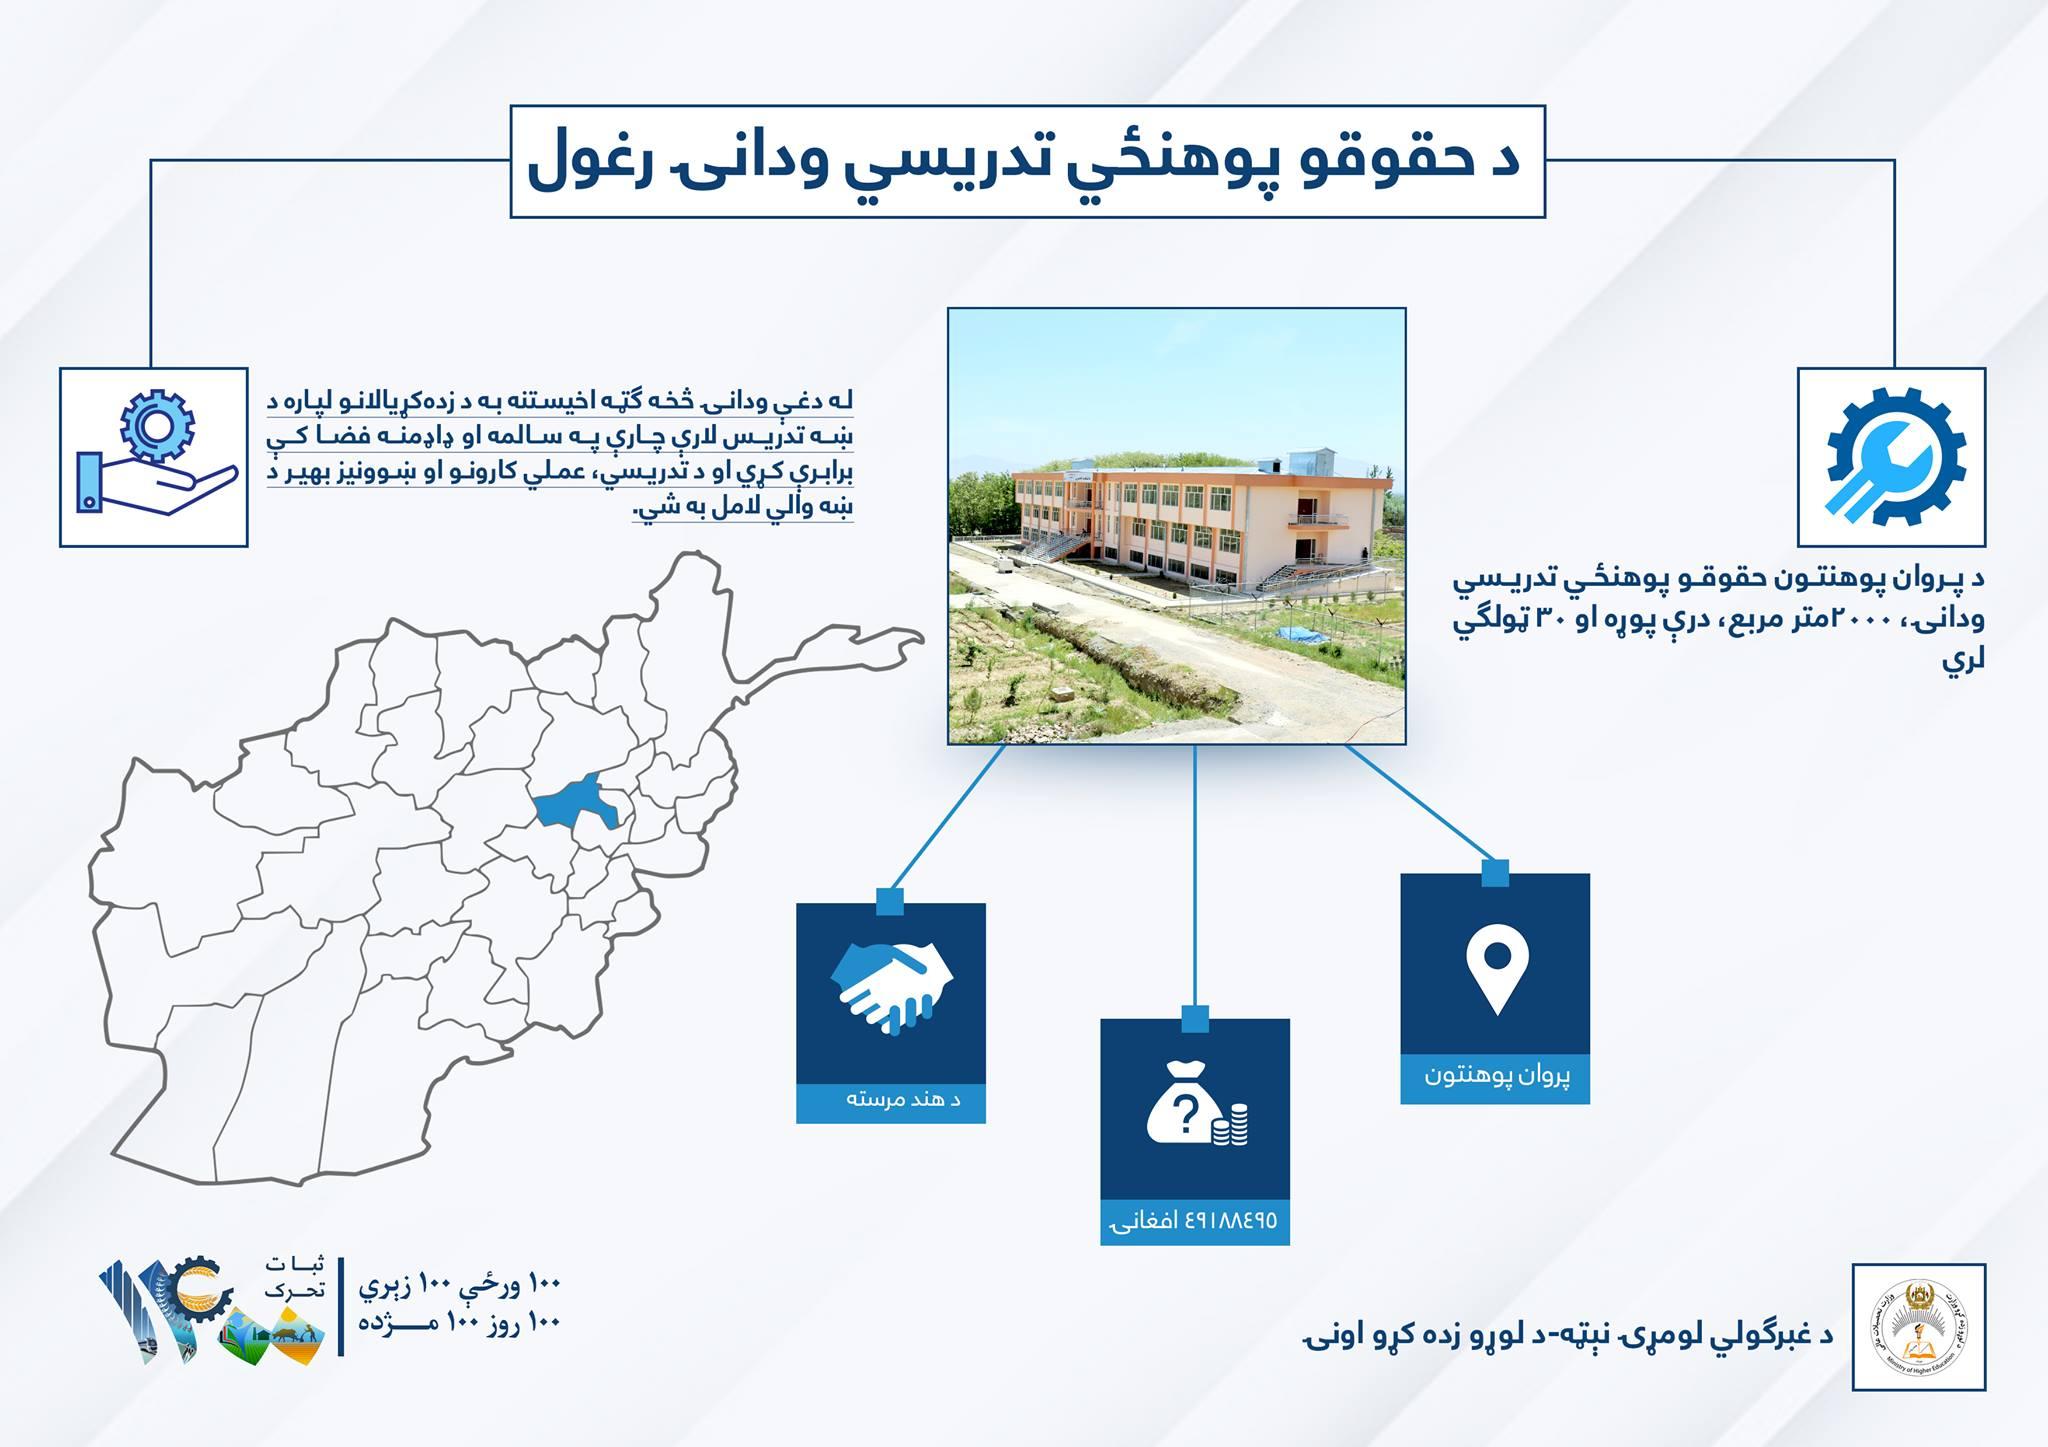 افتتاح بلاک دانشکده حقوق و علوم سیاسی دانشگاه پروان